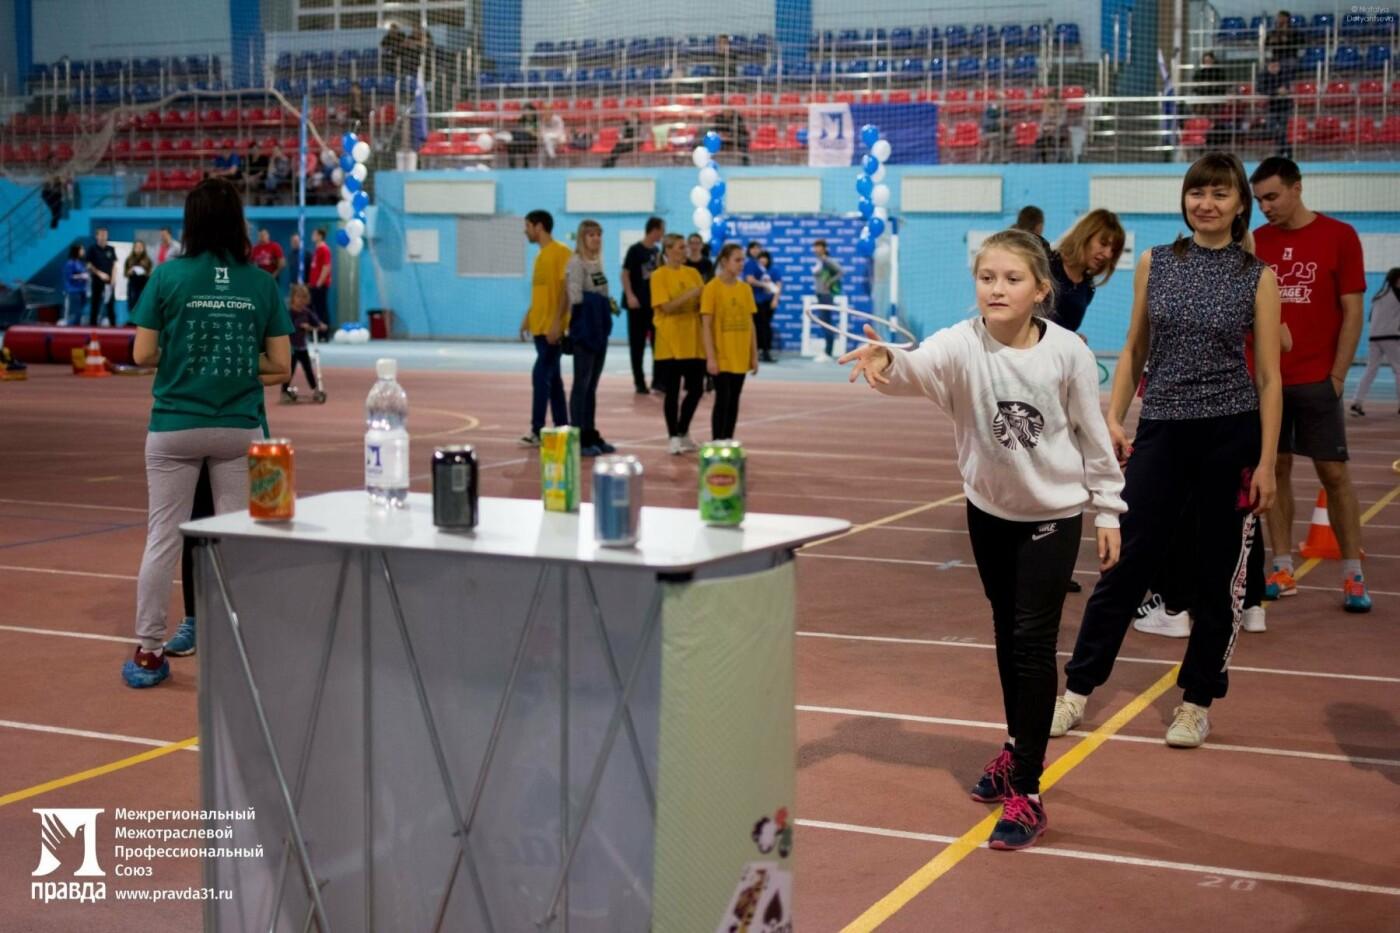 В Белгороде определили победителей спартакиады профсоюза «Правда», фото-9